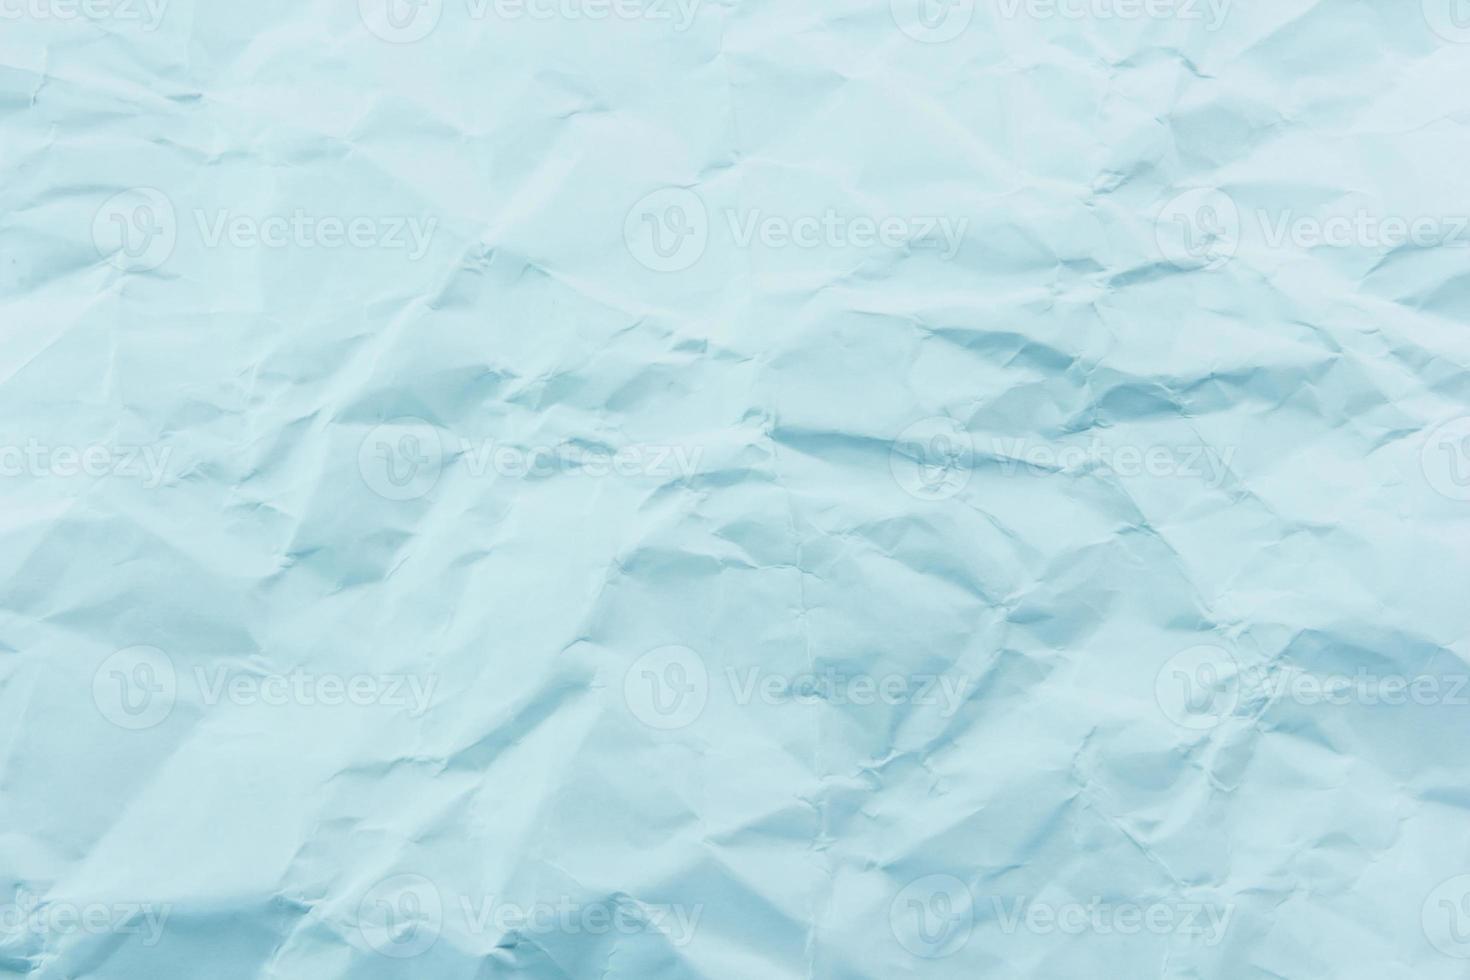 papel azul arrugado foto